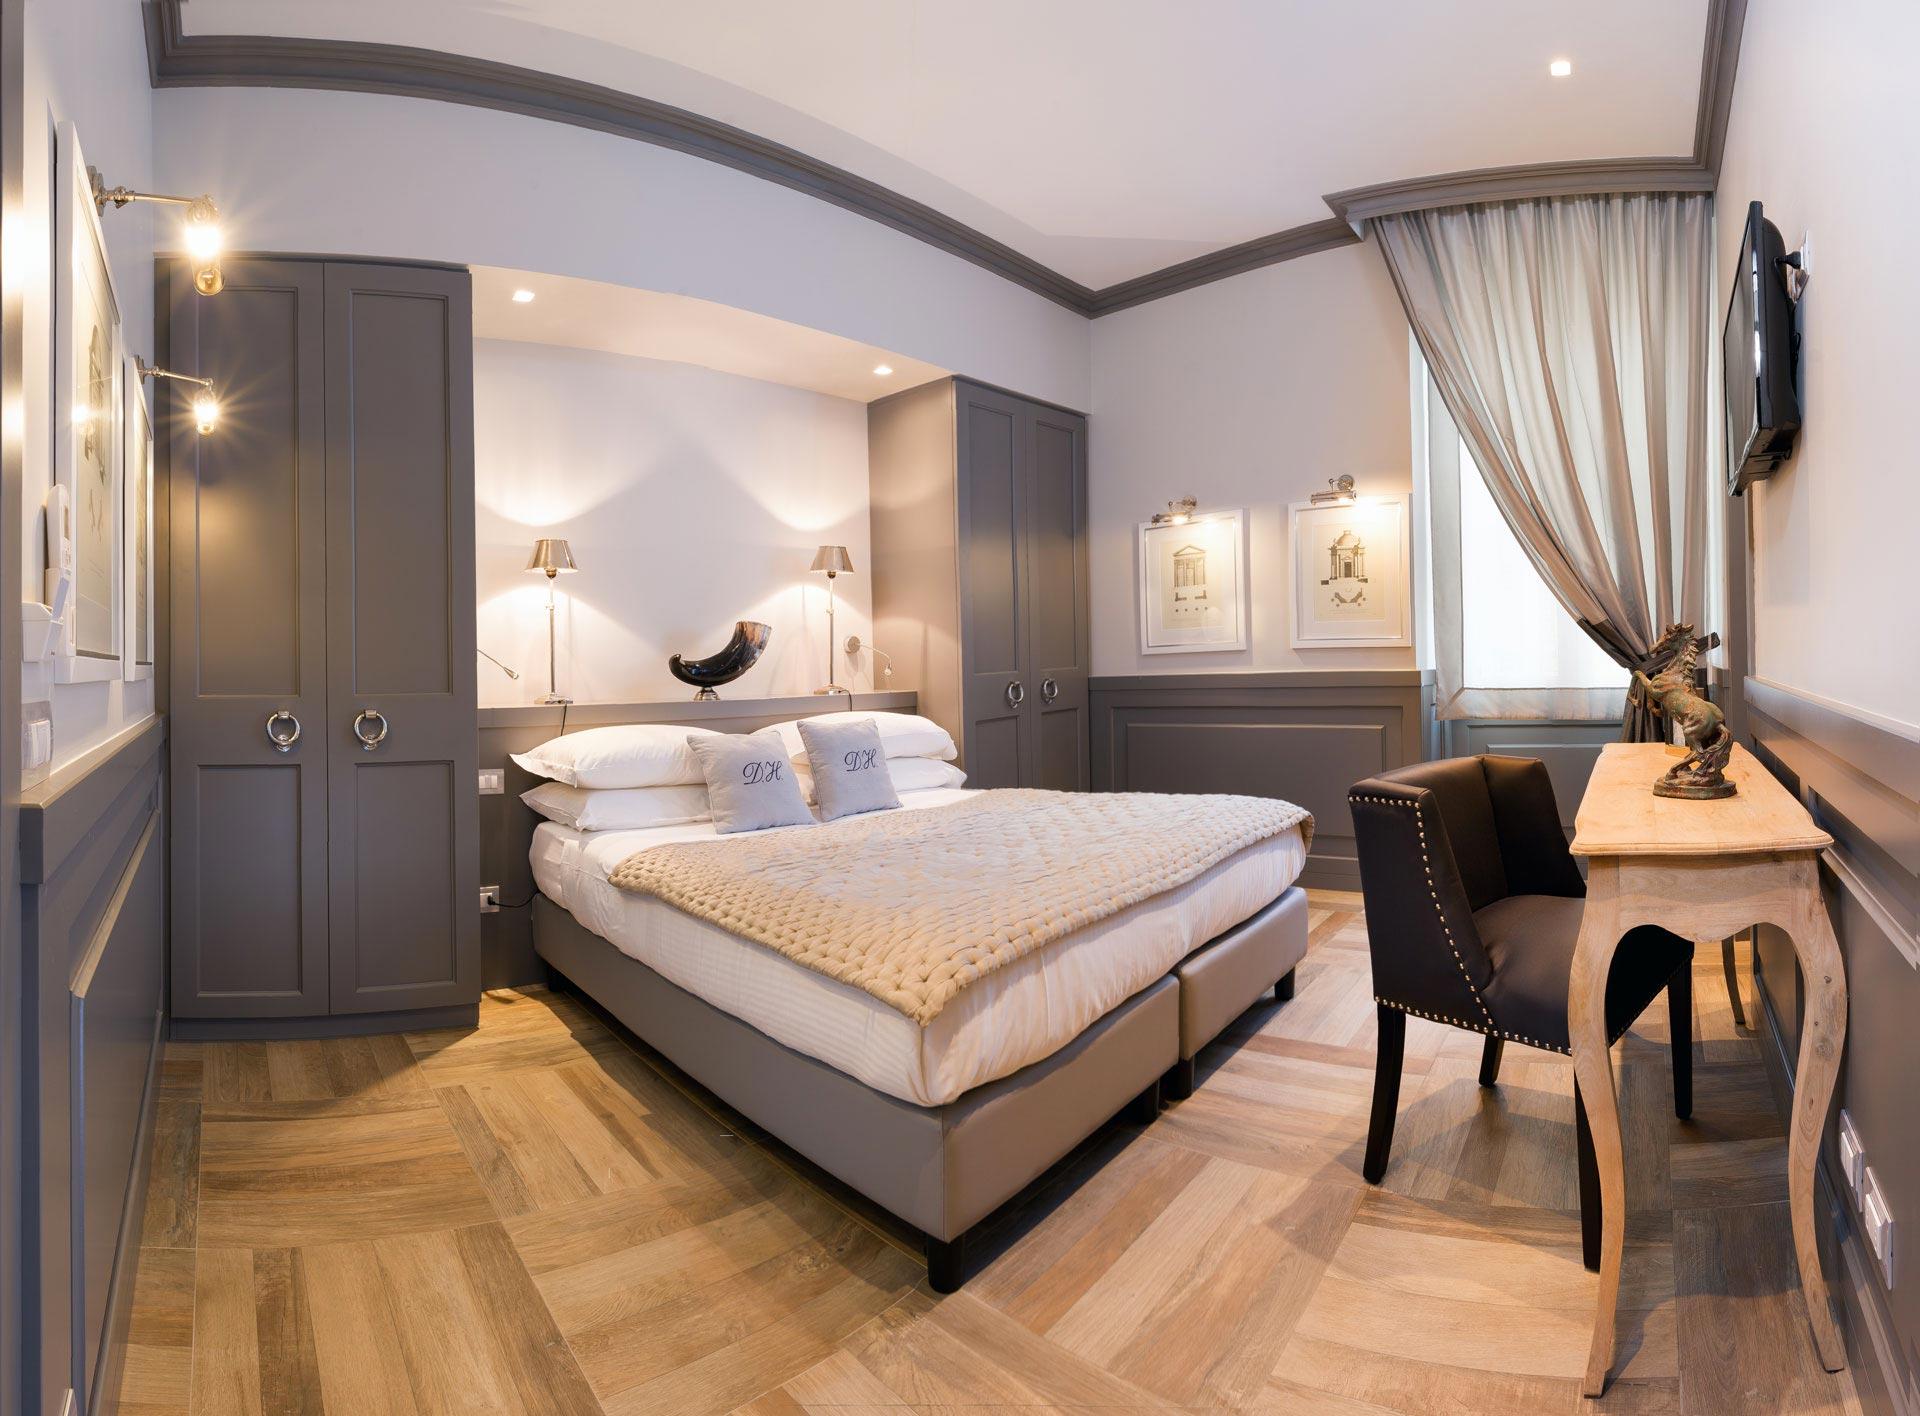 foto-albergo-roma-fotografo-architettura-interni-13